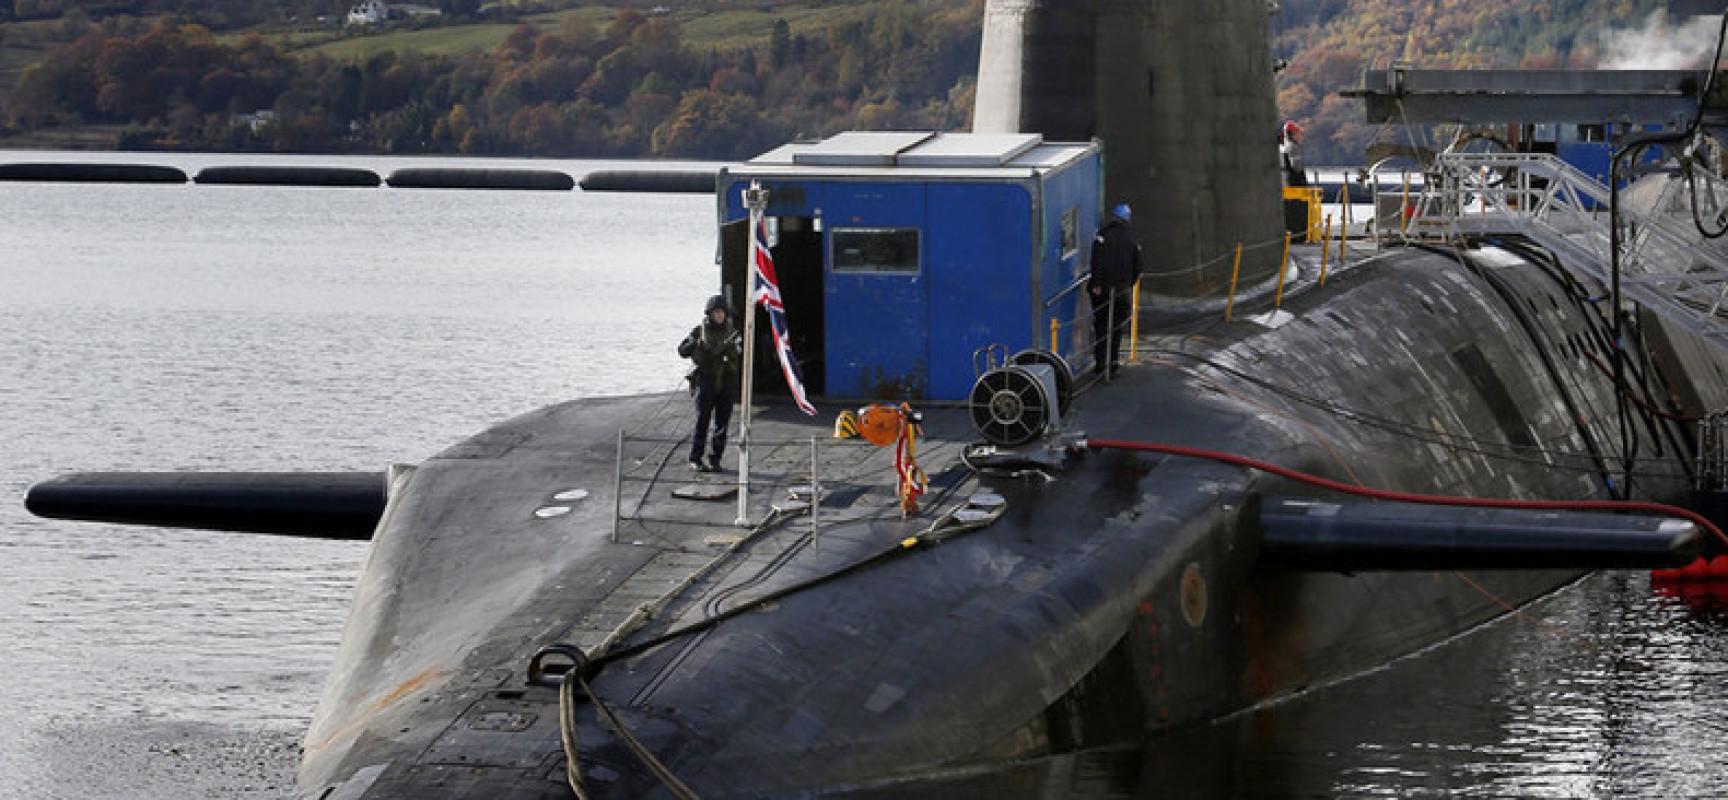 Deux tiers des Britanniques prêts au lancement d'une frappe nucléaire qui tuerait 100 000 civils